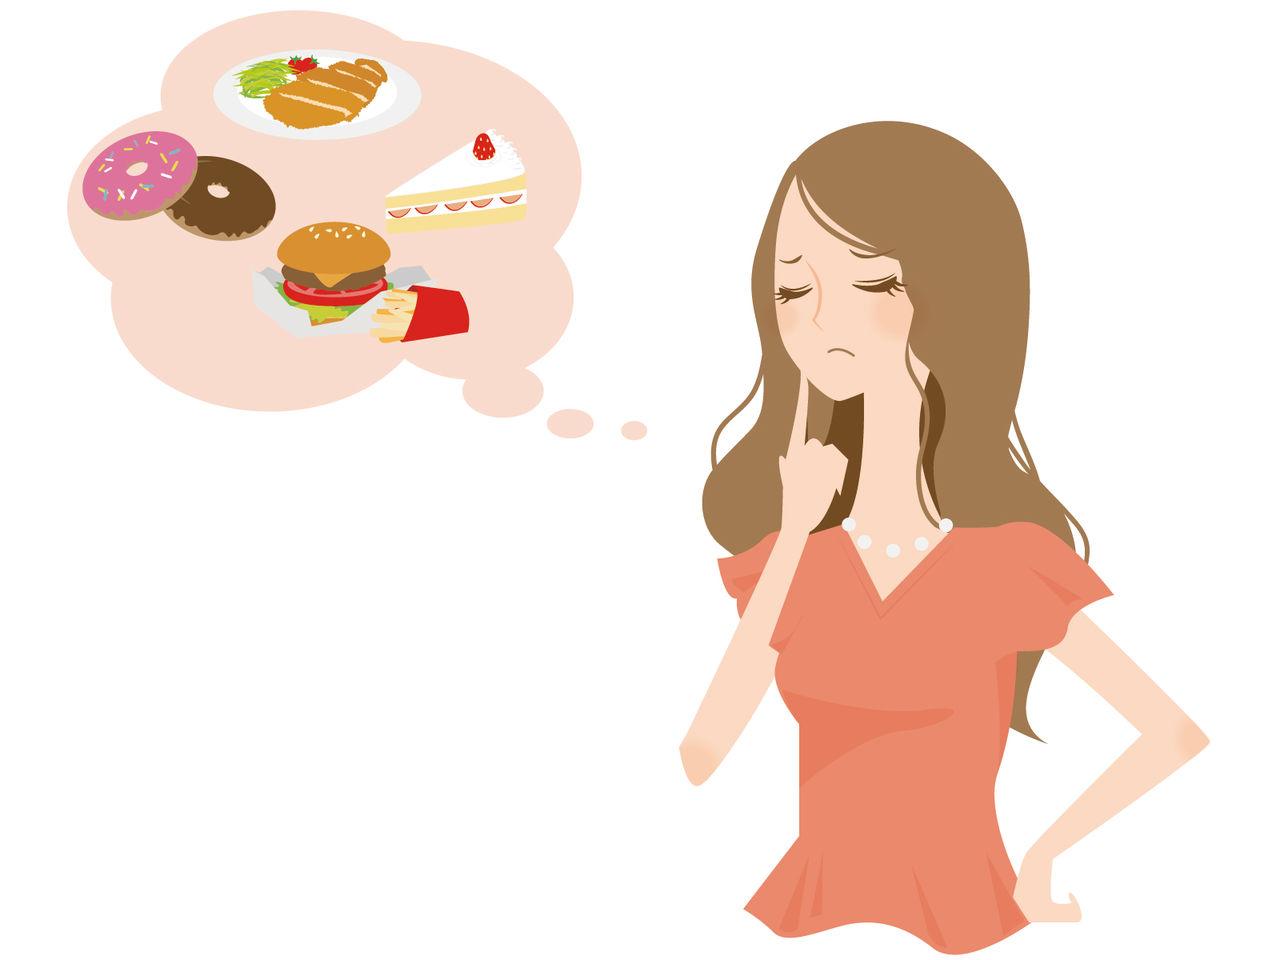 カロリー 間食 間食ダイエットで痩せる!コンビニで買えるオススメおやつ20選 CALORI [カロリ]